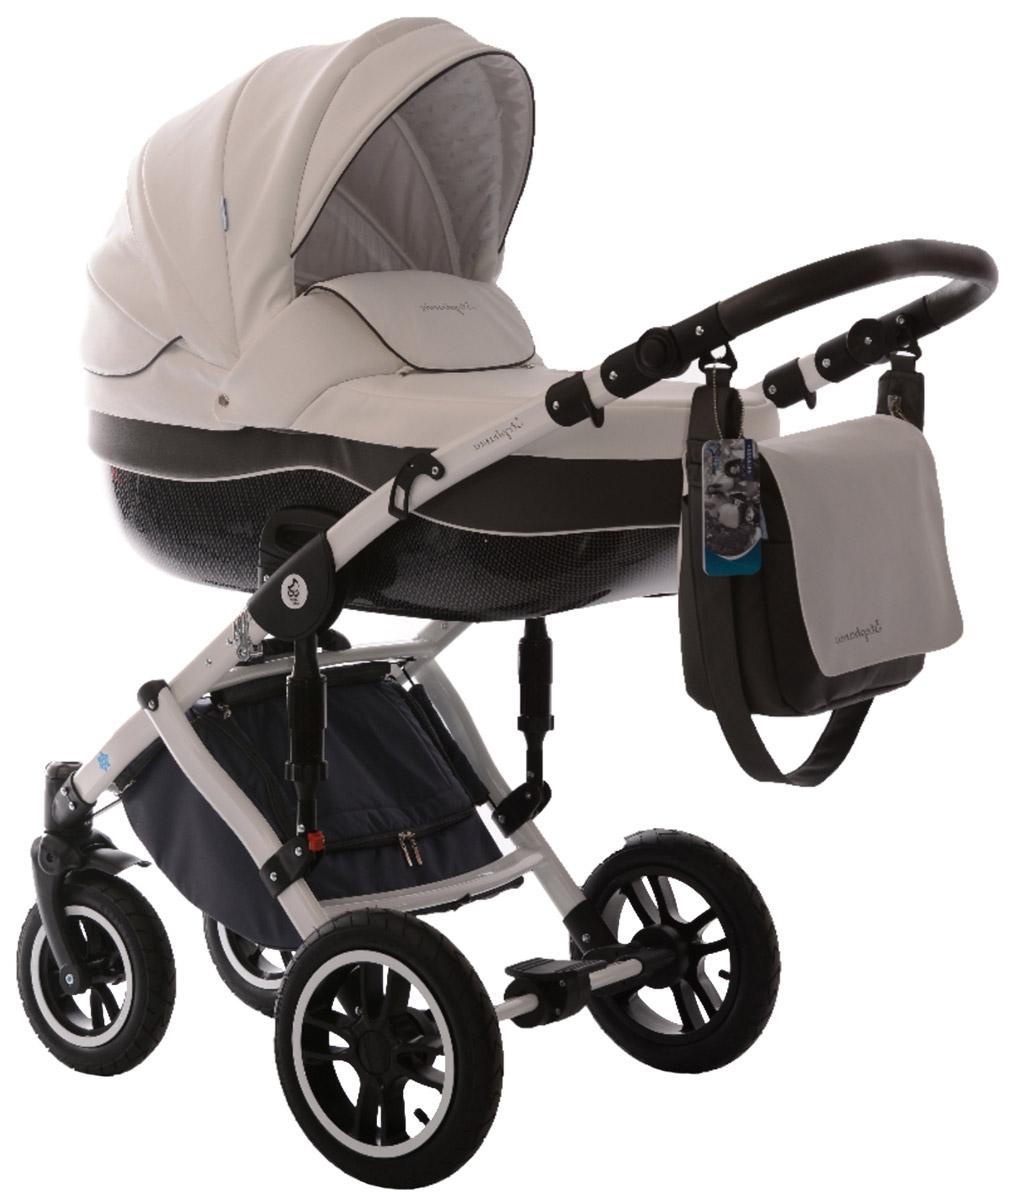 Noordline Коляска универсальная 2 в 1 Stephania №9 цвет серый белыйNL-STP-09Noordline Stephania из эко-кожи - всесезонная коляска с поворотными колесами. Поставляется в комплектации 2 в 1, предназначена для детей с рождения до 3,5 лет (до 15 кг). Отличается внешним видом, длительным сроком службы, теплой люлькой, простотой в эксплуатации, быстрой трансформацией в прогулочный блок с мягким и удобным раскладывающимся креслом. Стильный внешний вид без потери комфорта для прогулок по городу и за его пределами Непродуваемый короб с высокими бортами и утепленный экологически чистым материалом, который легко снять и выстирать Разработка для суровых климатических условий Передняя пара поворотных колес может быстро менять направление движения благодаря возможности поворота вокруг своей оси Европейская сборка в Польше и немецкие материалы позиционируют коляску Noordline Stephania как продукт, предназначенный для эксплуатации в семье, планирующей постепенное рождение 2-3 детей. Люлька: Большого размера (размеры спального места ~75...